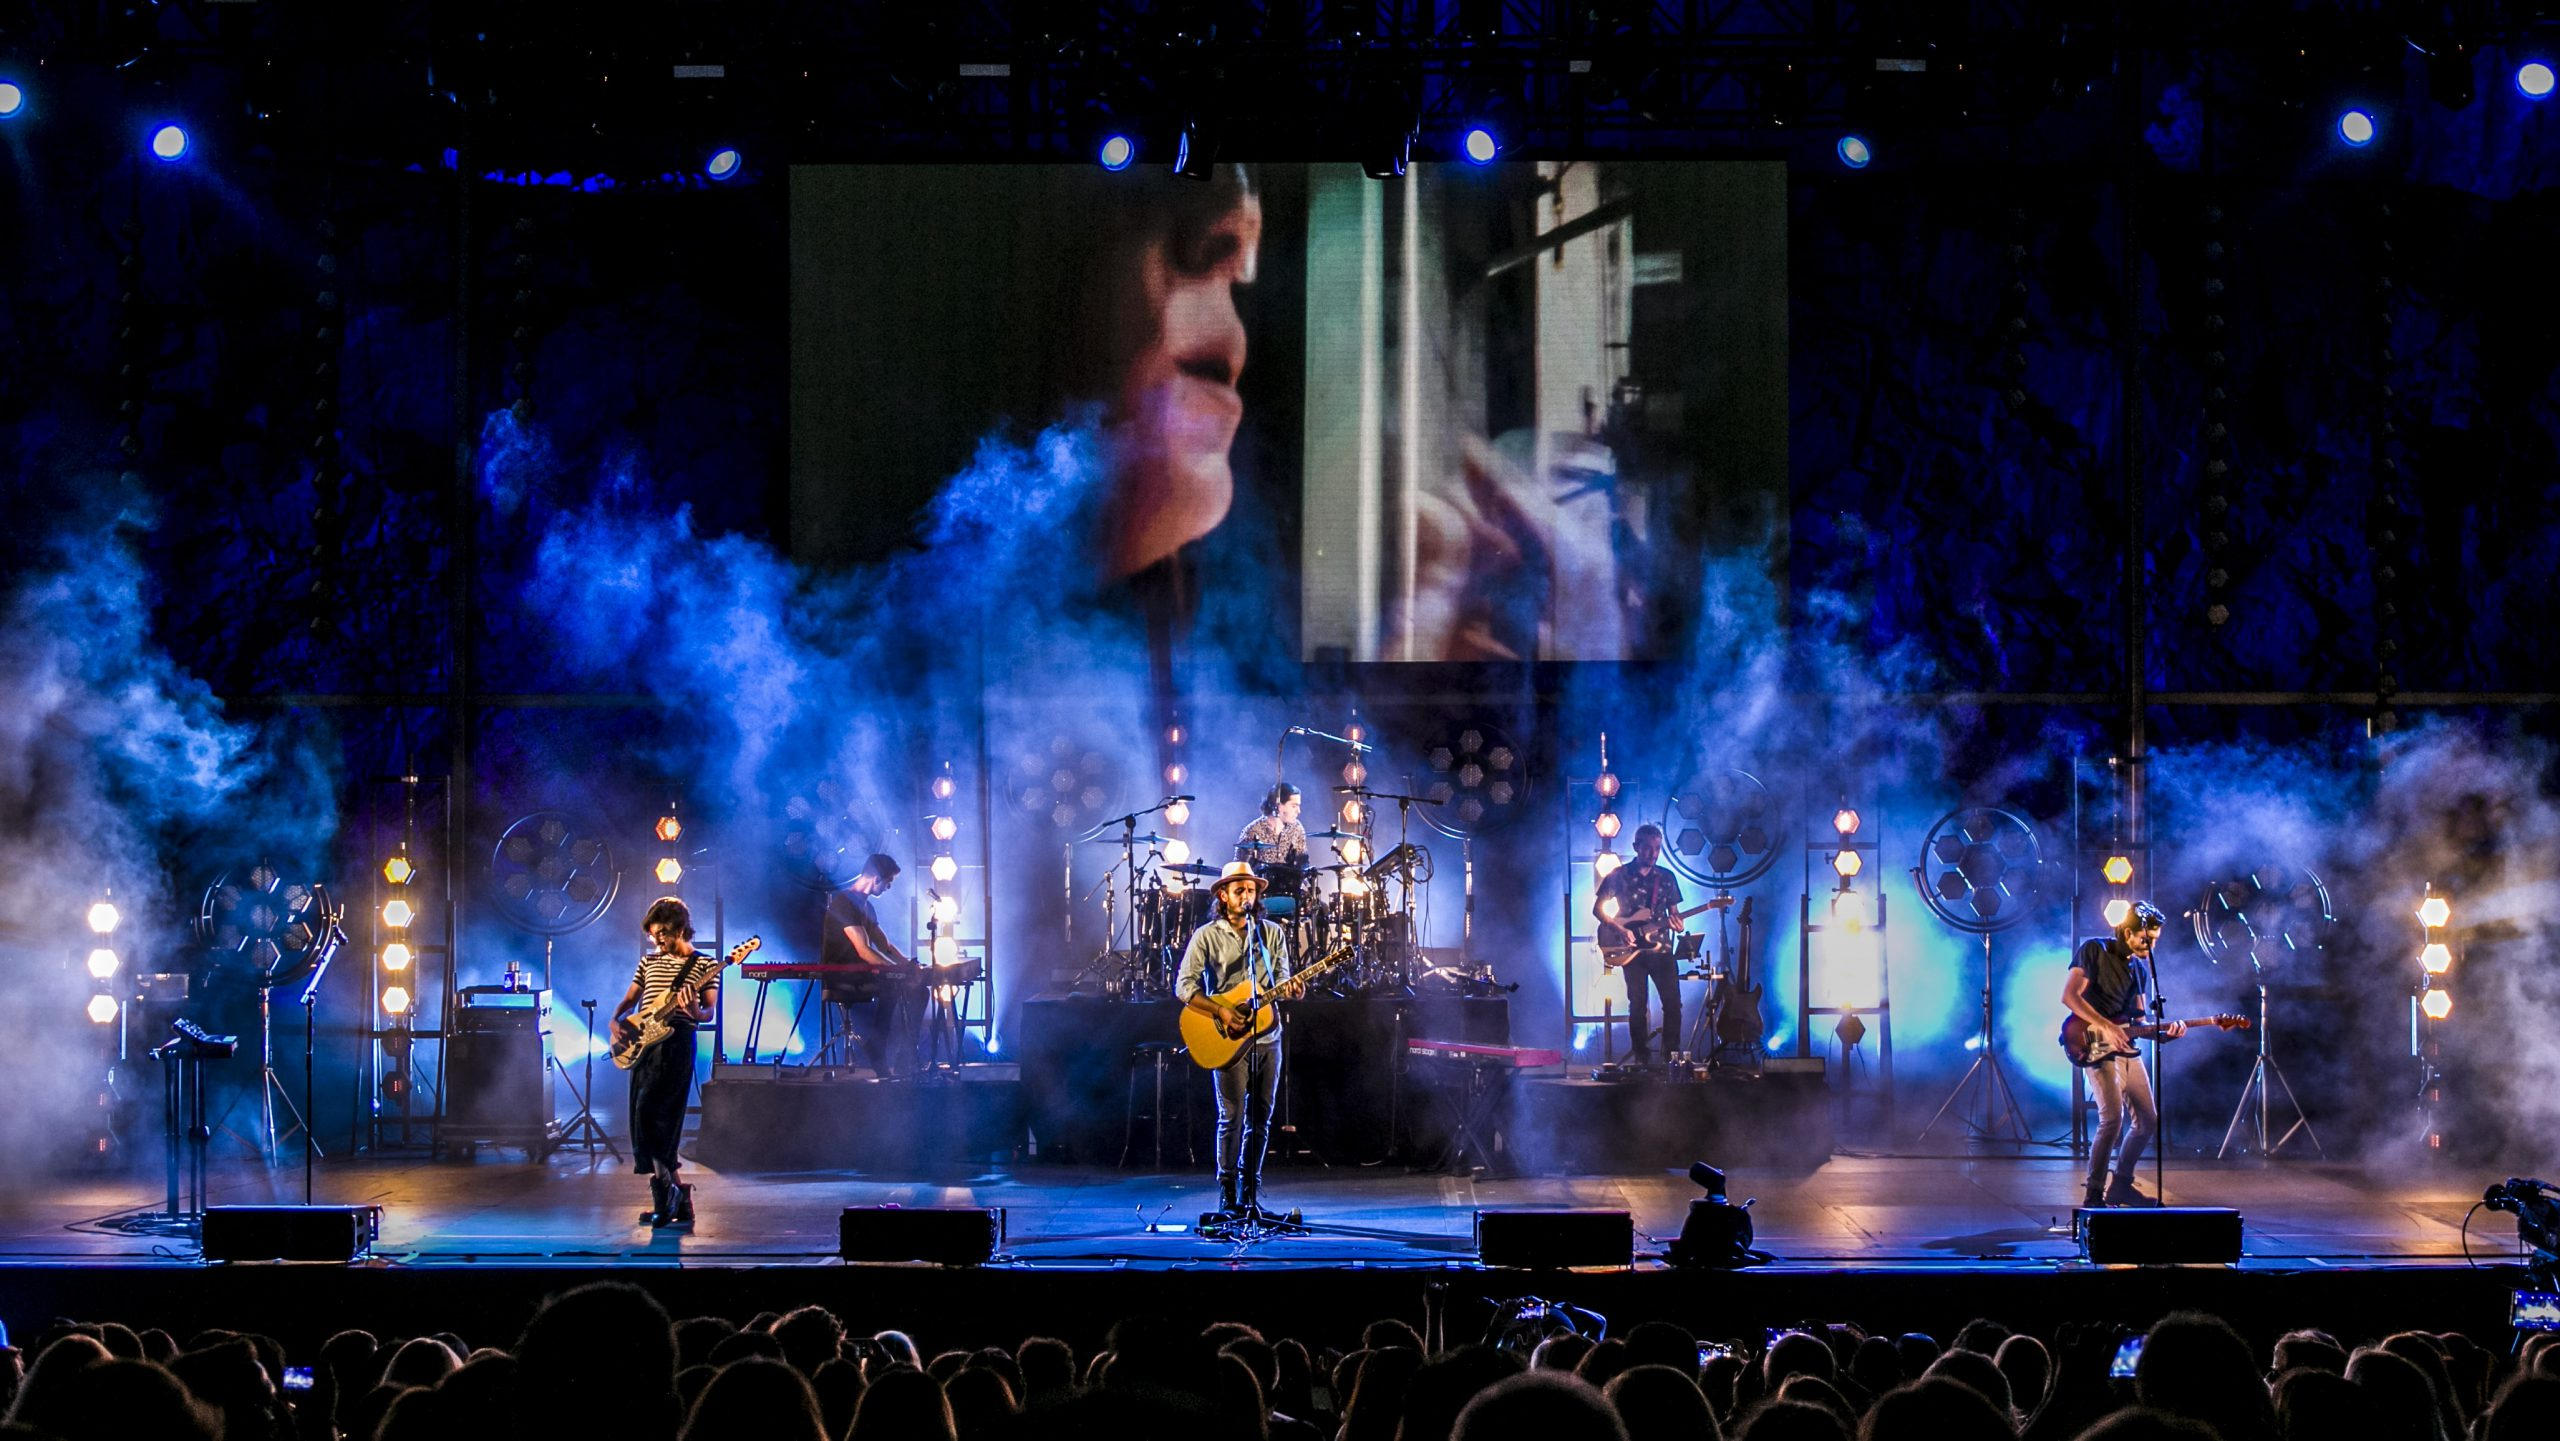 Morat repite concierto en Starlite Catalana Occidente ante un público fiel